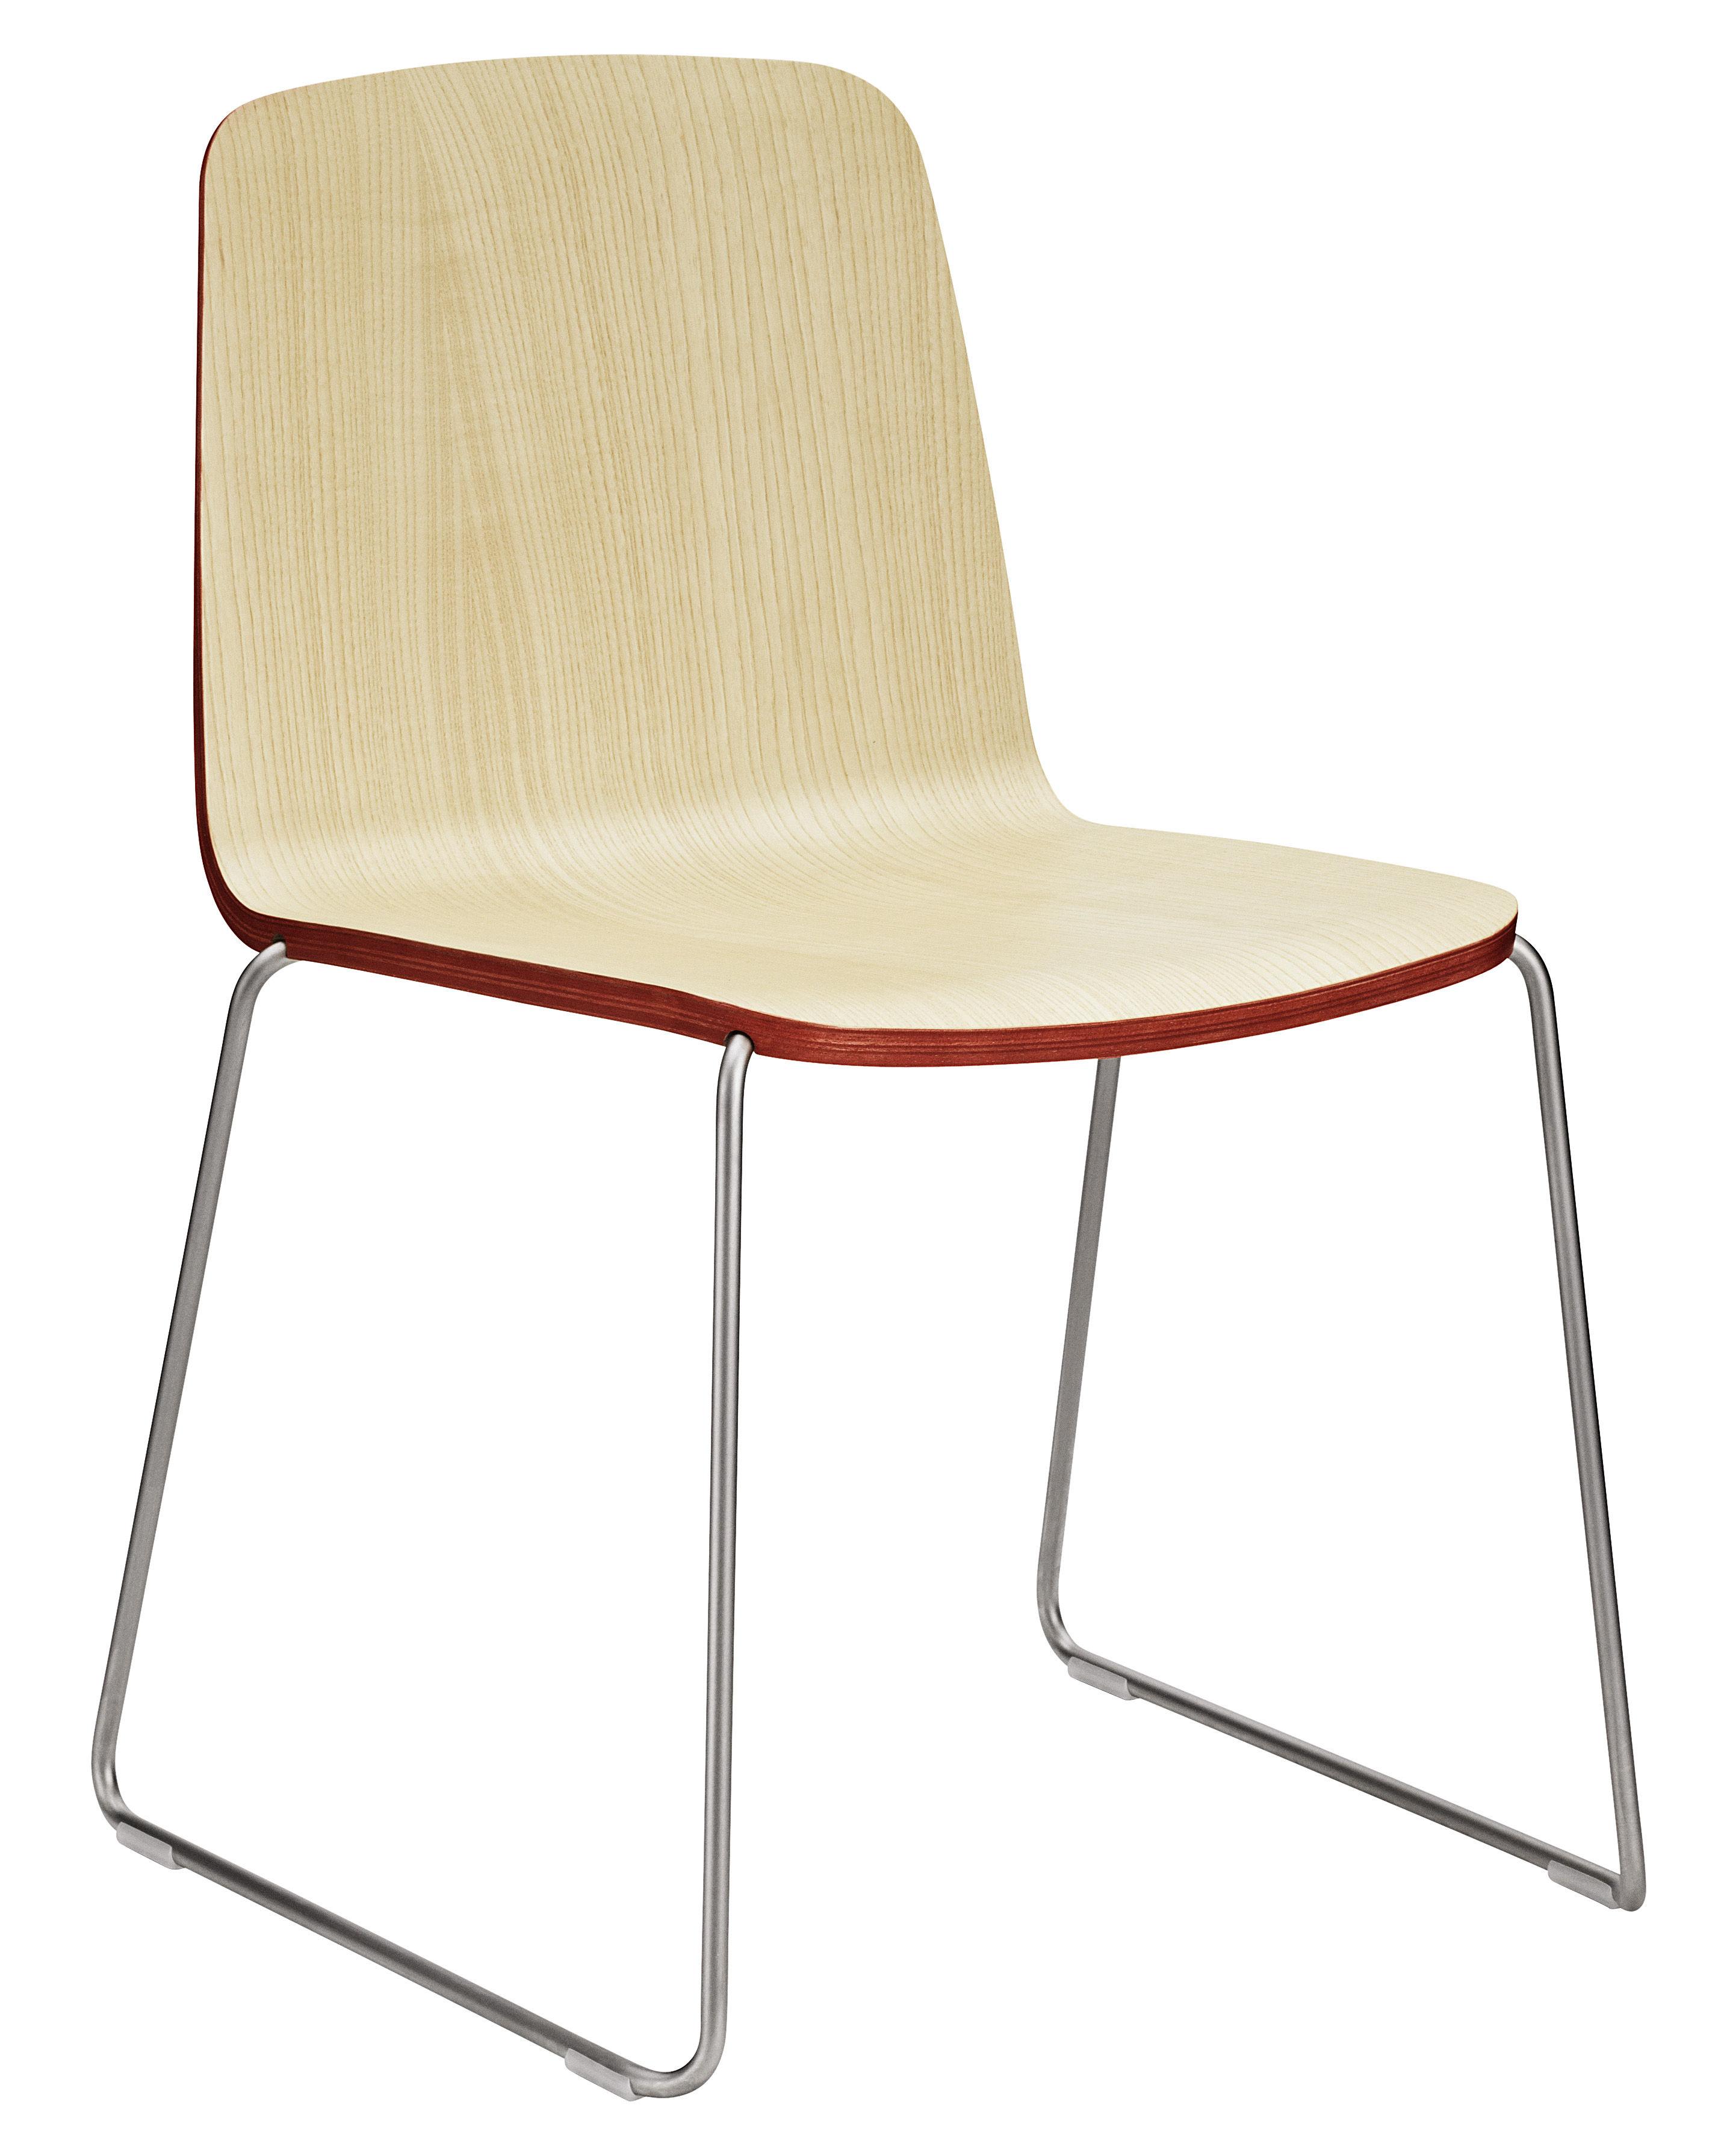 Möbel - Stühle  - Just Stapelbarer Stuhl - Normann Copenhagen - Sitzfläche Esche natur, mit rotem Rand / Stuhlbeine chromglänzend - Frêne laqué, Stahl